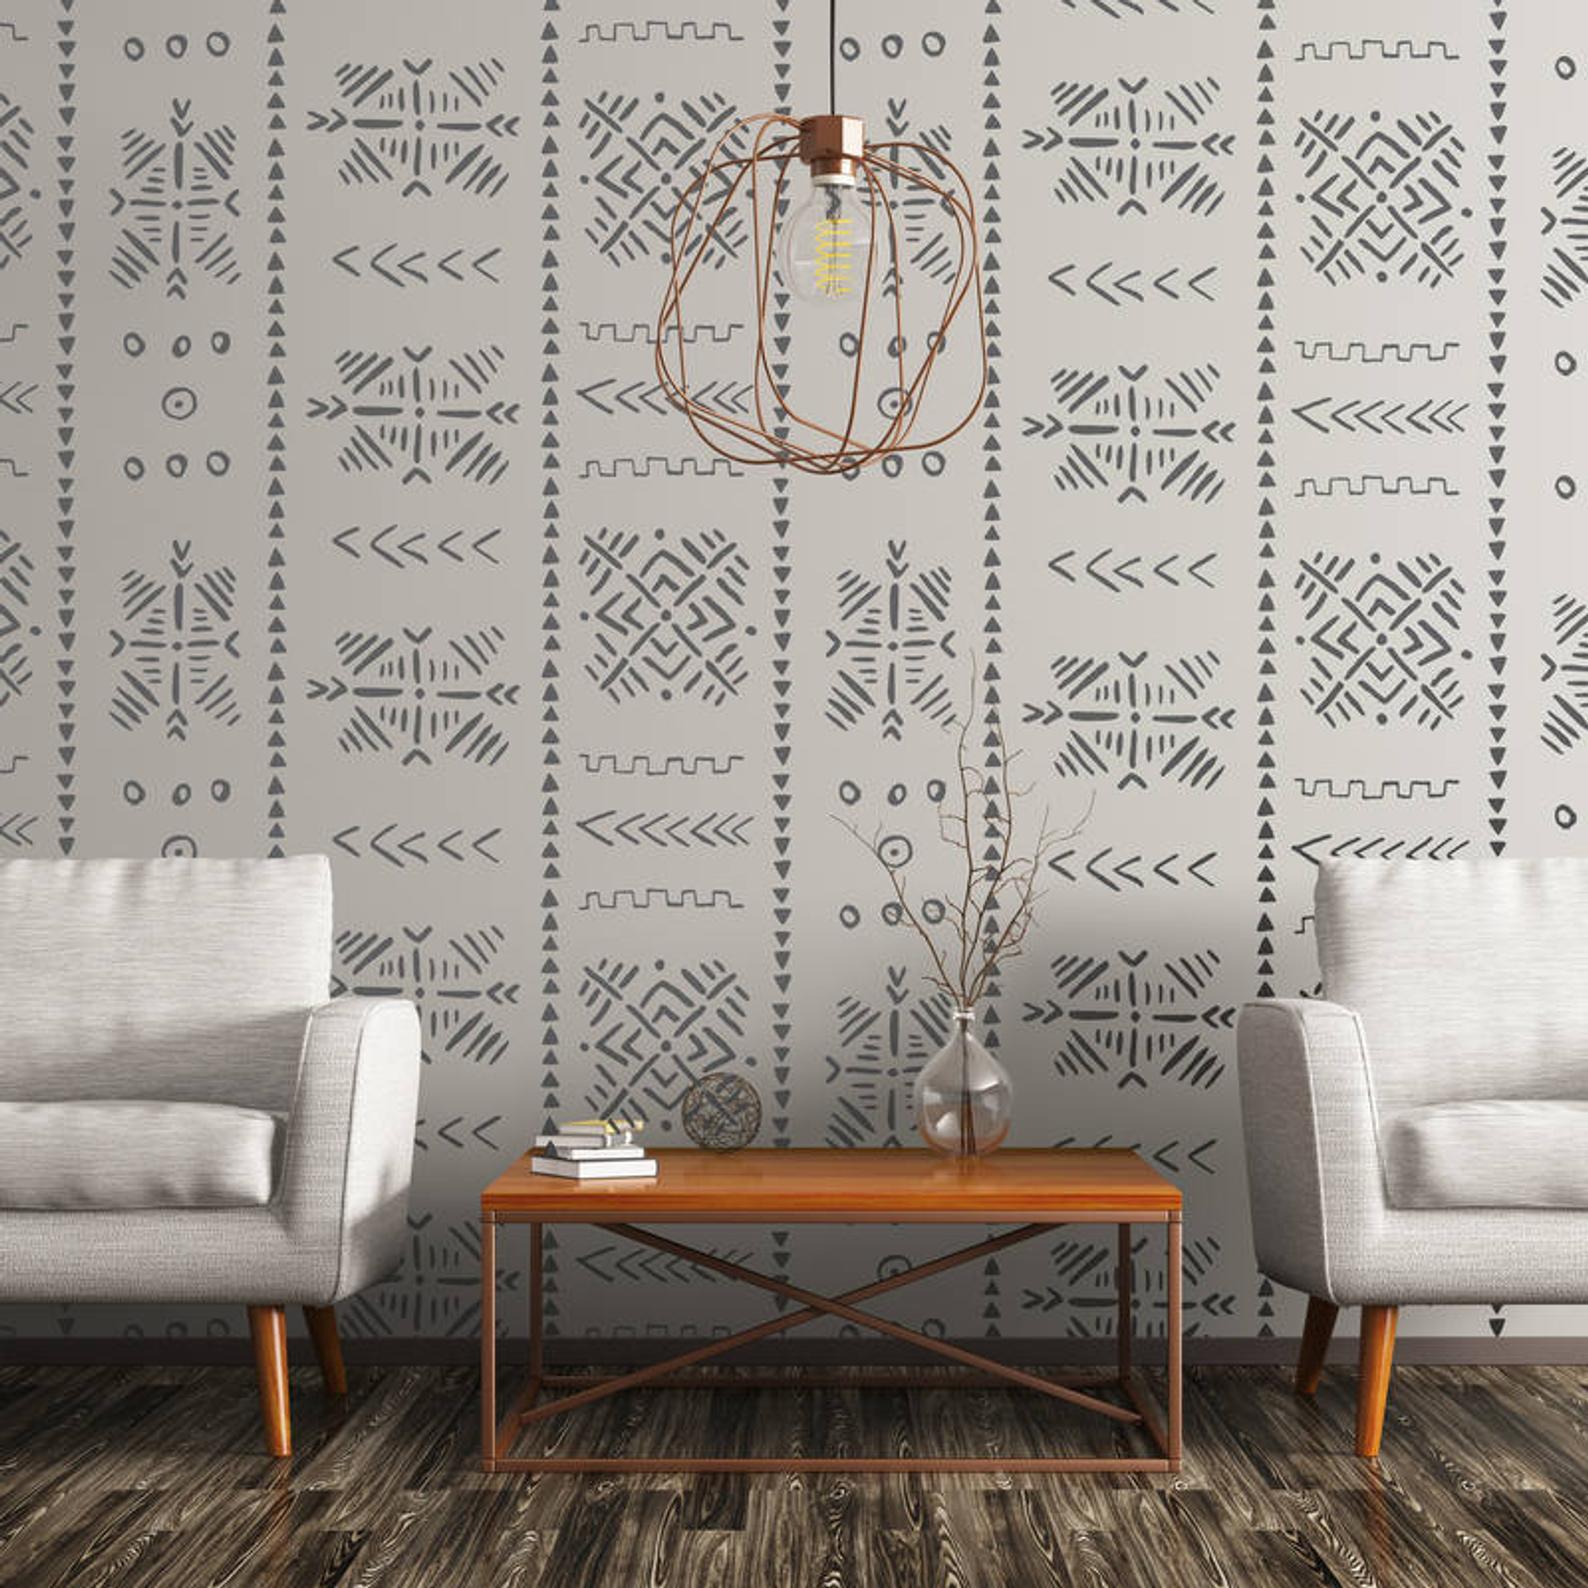 Behang van modderdoek patroon in zwartwit